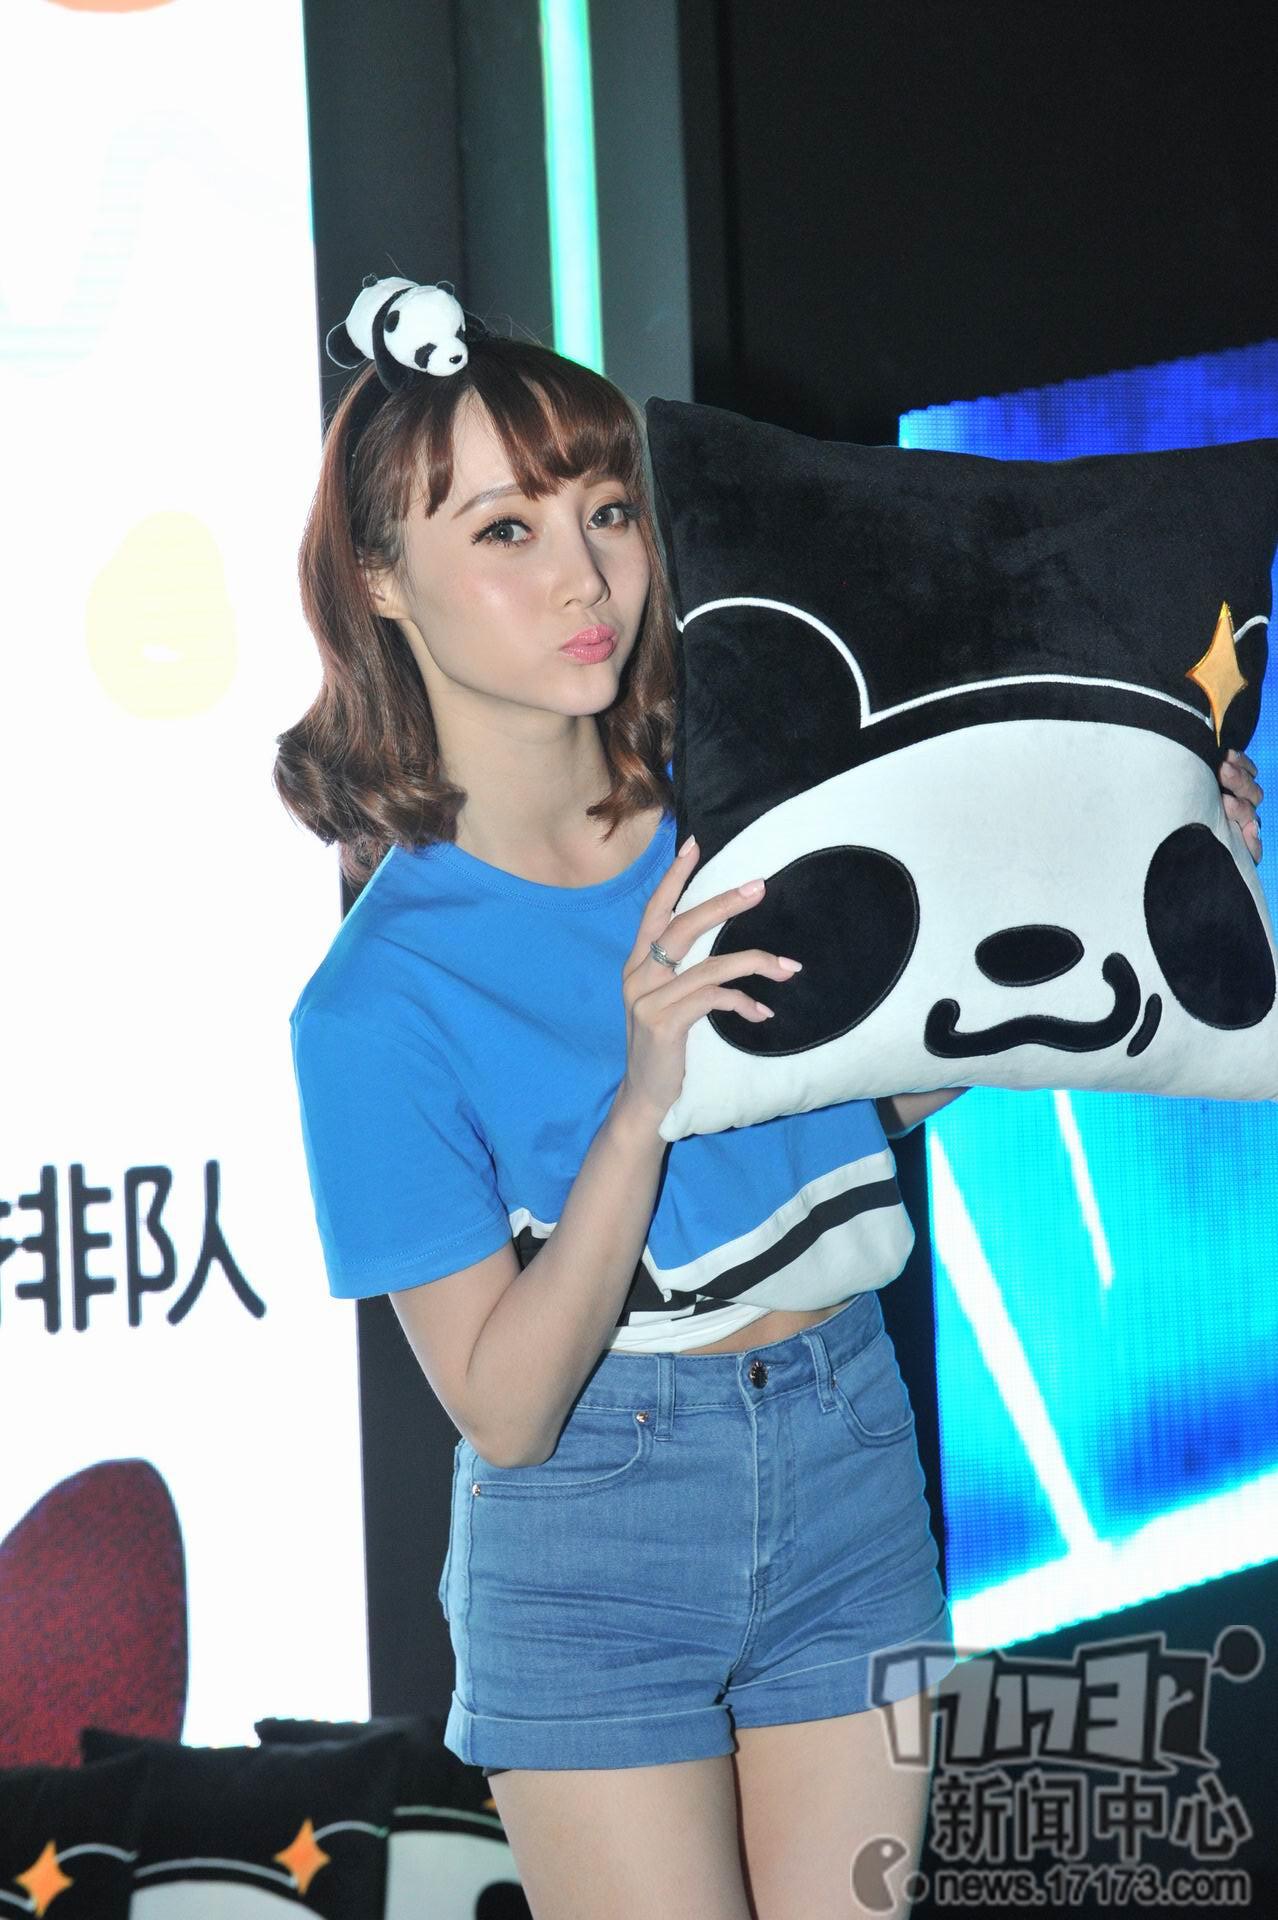 Chiêm ngưỡng loạt showgirl cực quyến rũ tại ChinaJoy 2016 - Ảnh _46